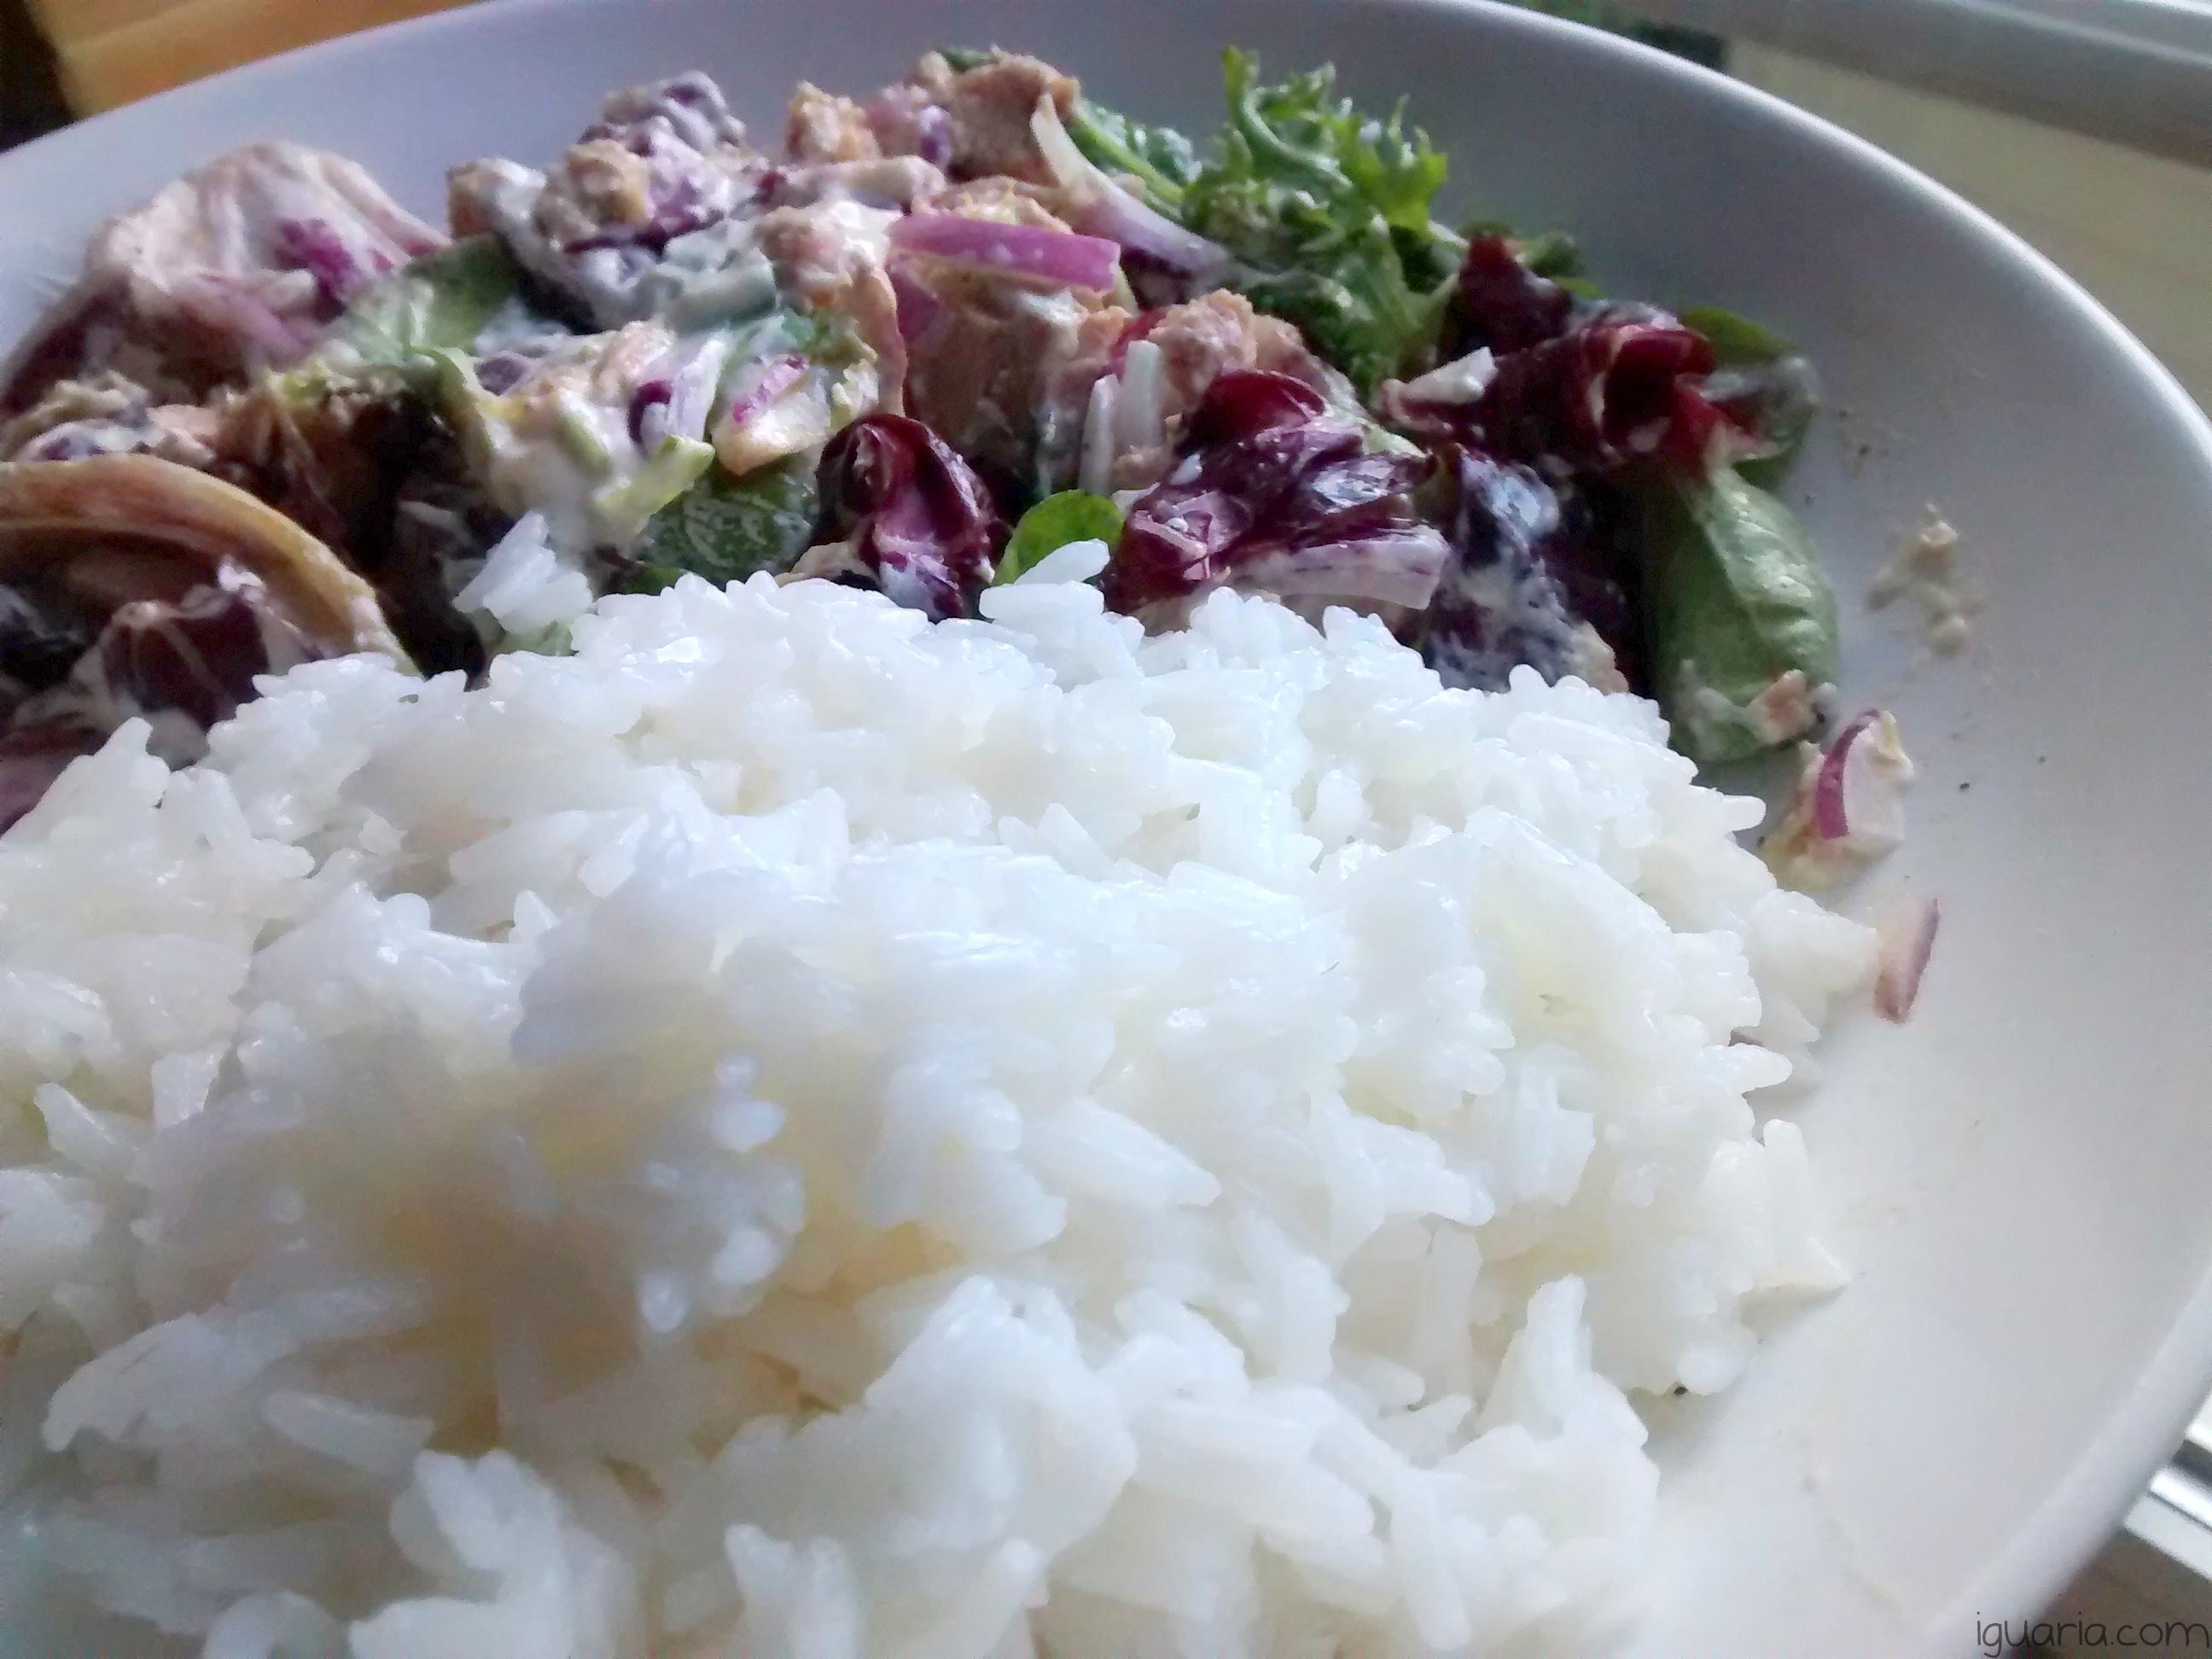 iguaria-salada-de-atum-com-arroz